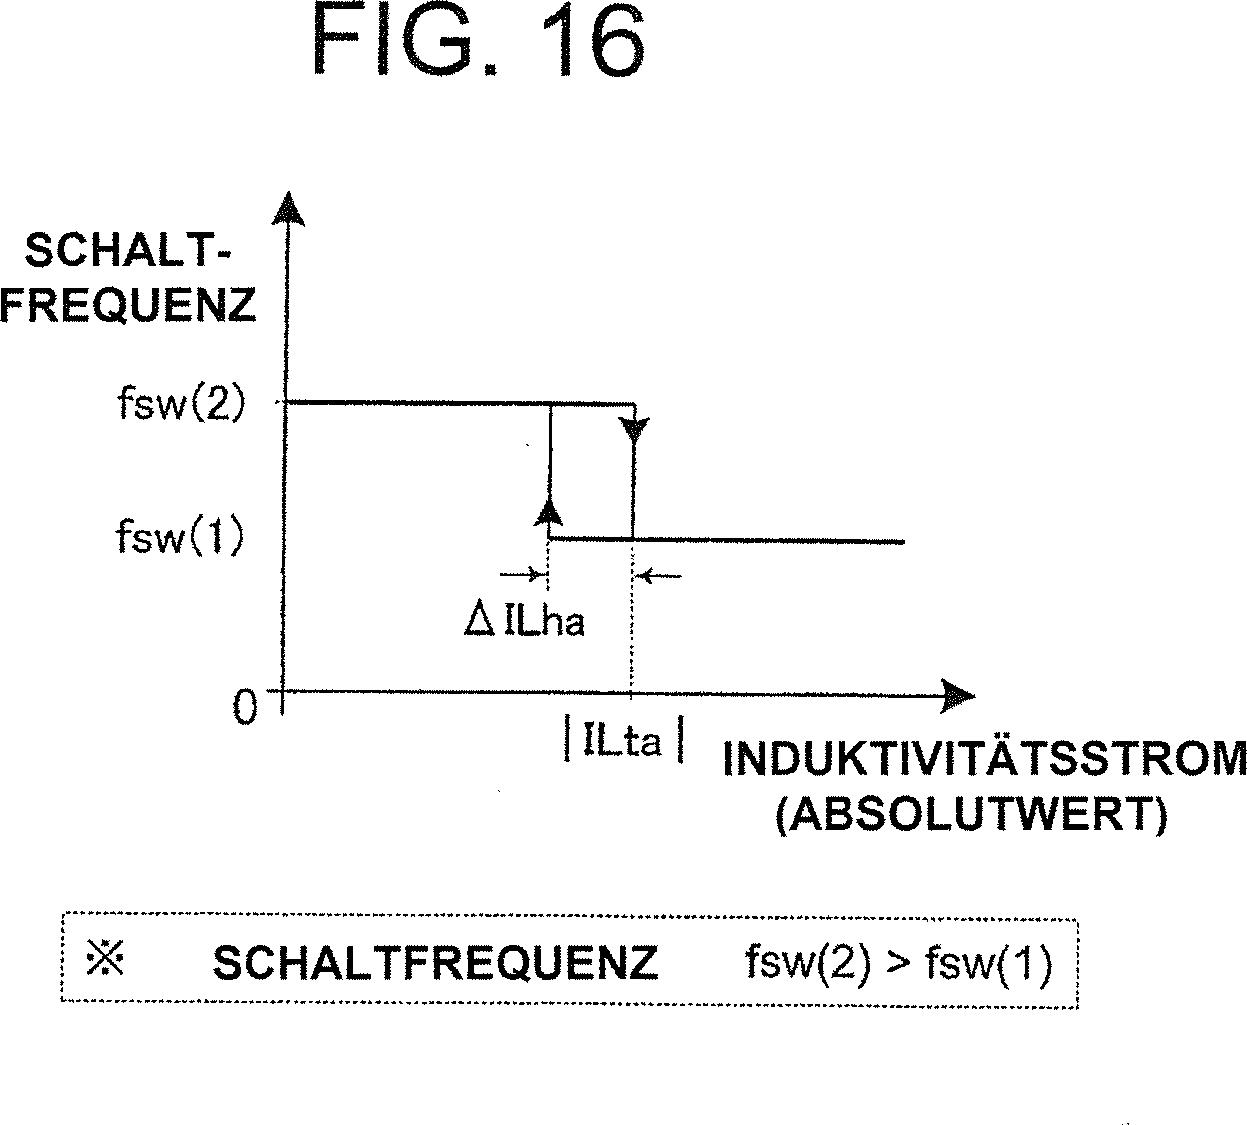 Tolle Verständnis Von Schematischen Diagrammen Fotos - Der ...